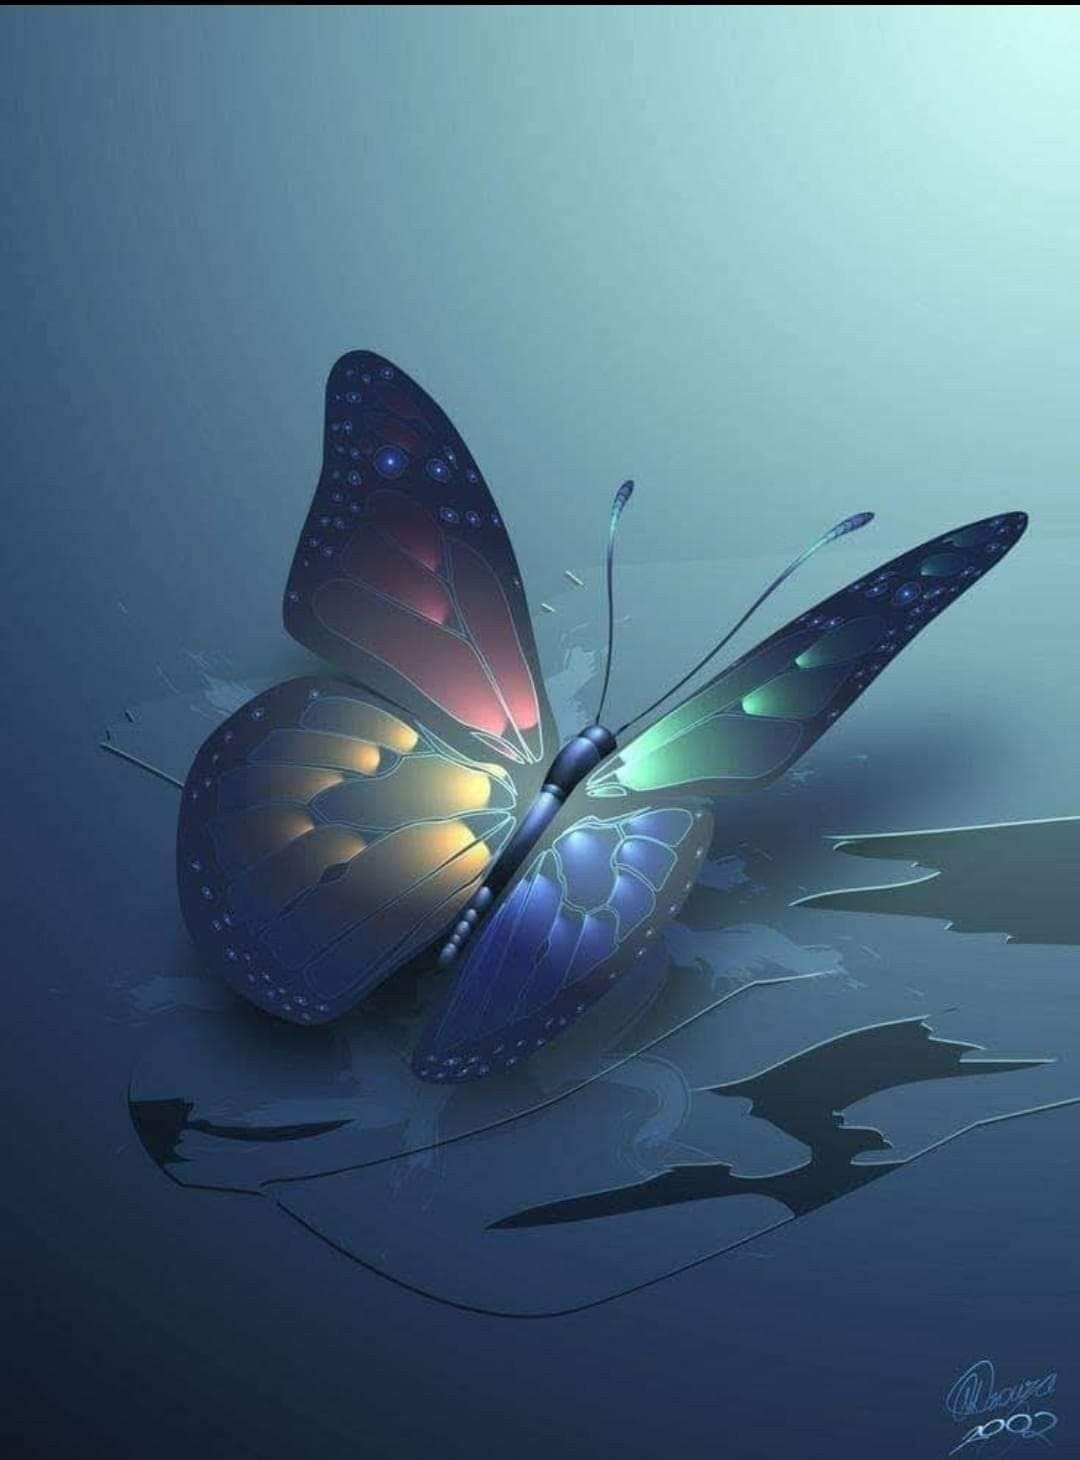 الفراشات لا تعرف ألوان أجنحتها ولكن أعين البشر تعرف مدى روعتها أنت لا تعرف Butterfly Wallpaper Butterfly Wallpaper Backgrounds Butterfly Pictures